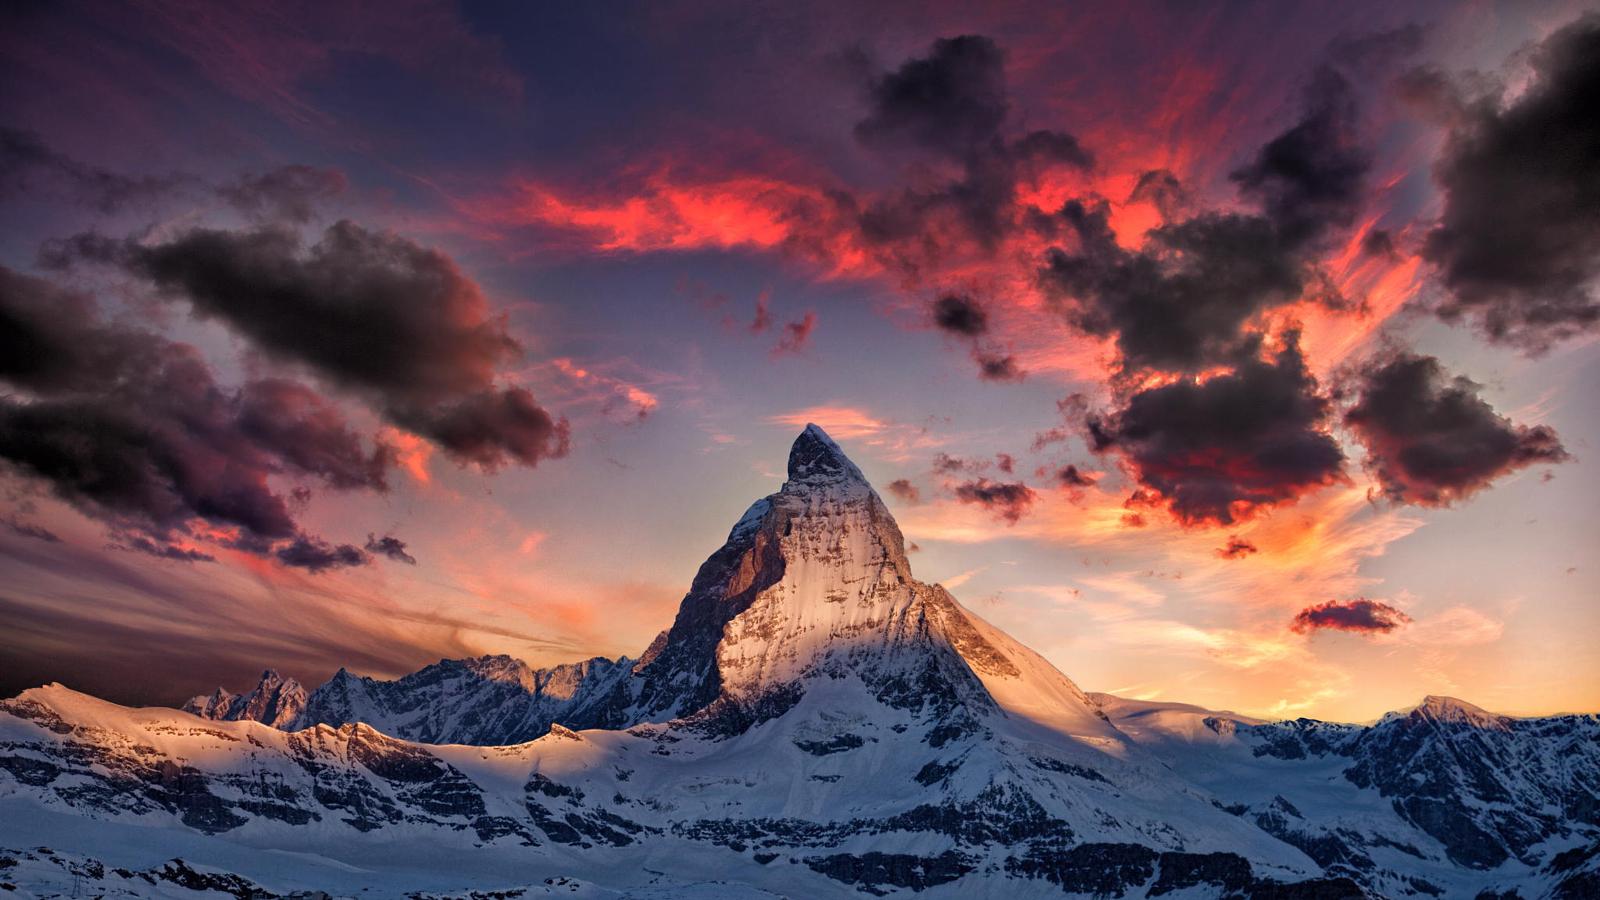 Самое интересное : Вот так может выглядеть пристройка к дому на лесном склоне в Эквадоре